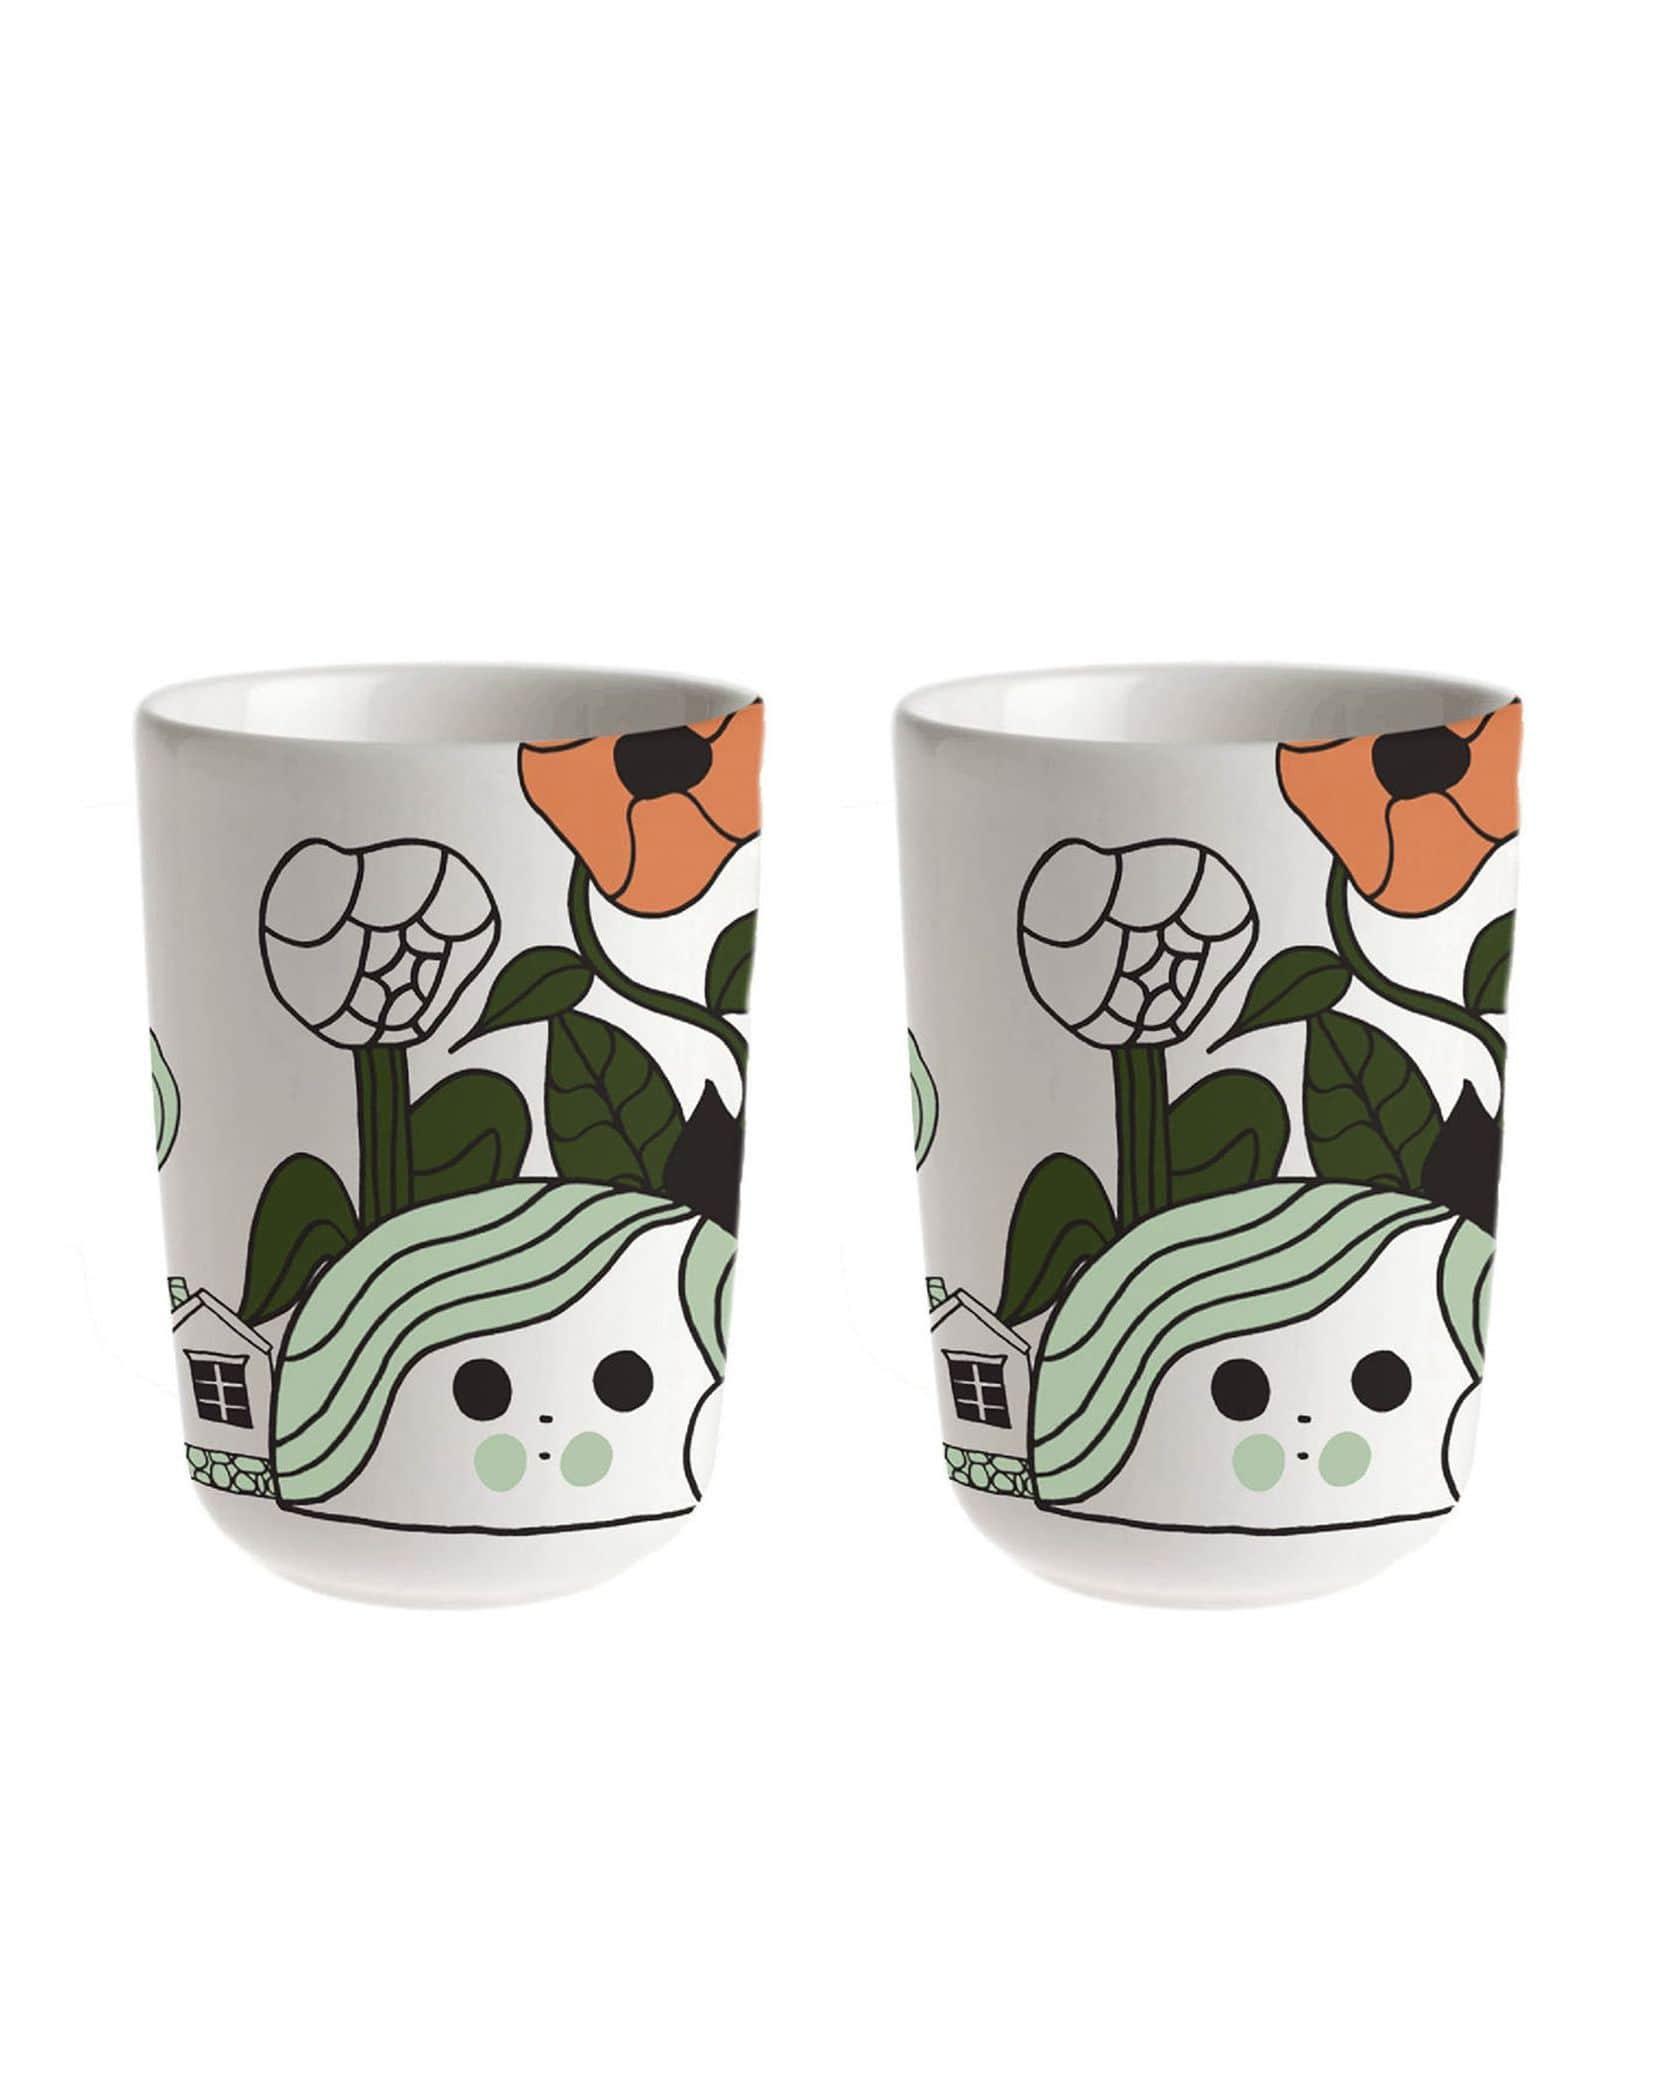 Marikyla コーヒーカップセット(ハンドルなし)